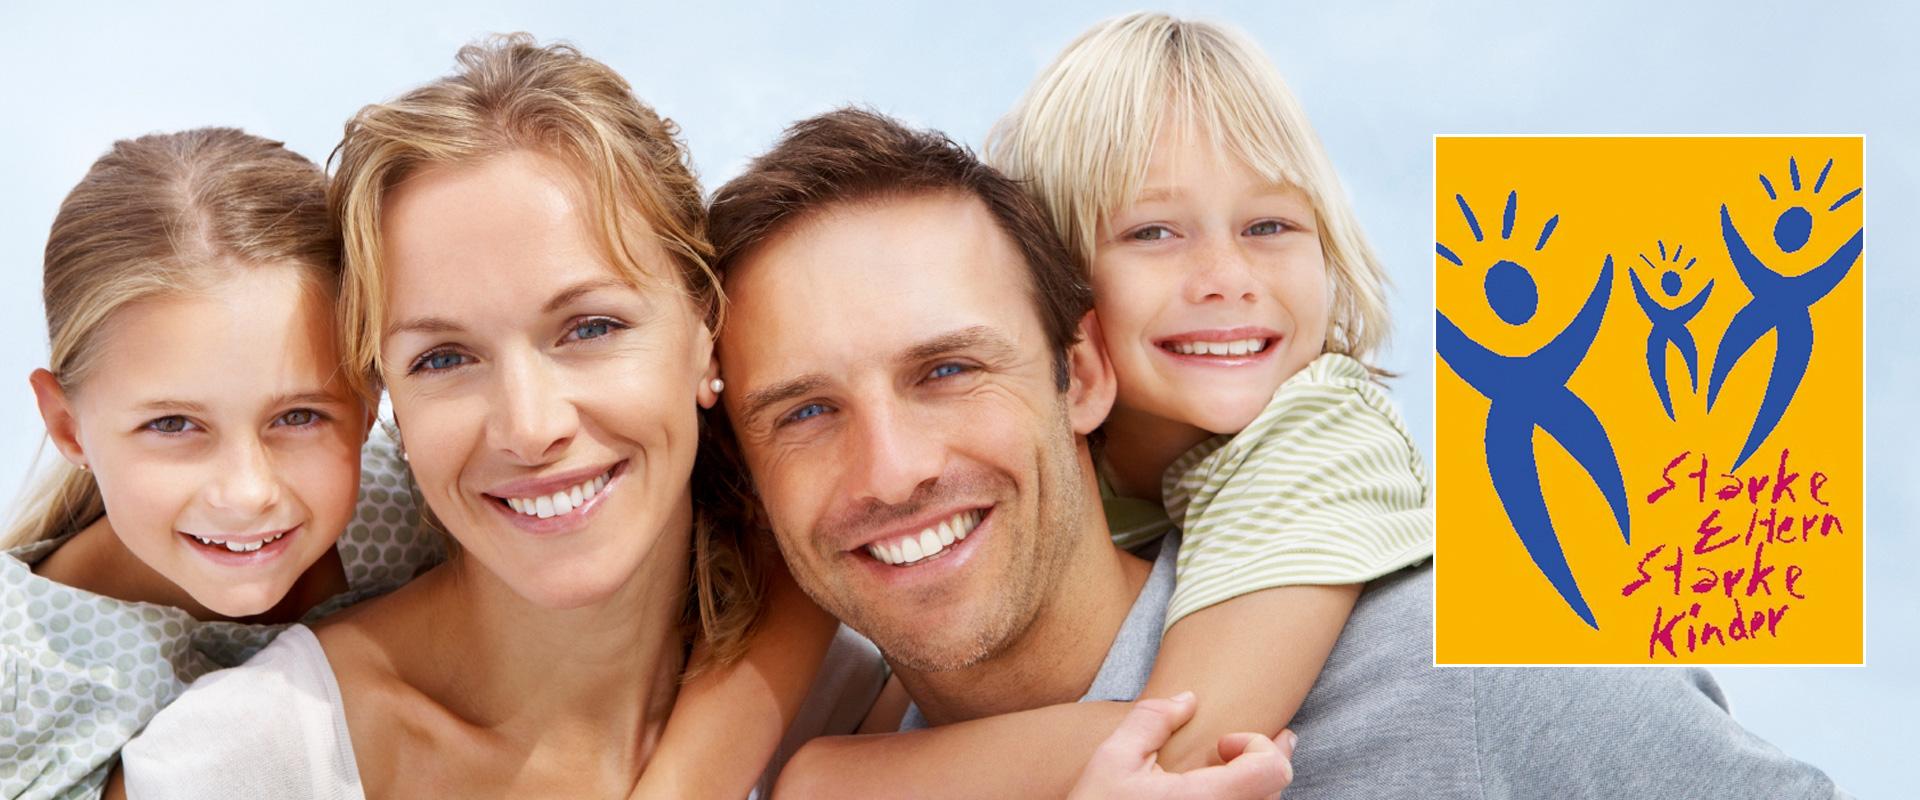 Familienpatenschaften